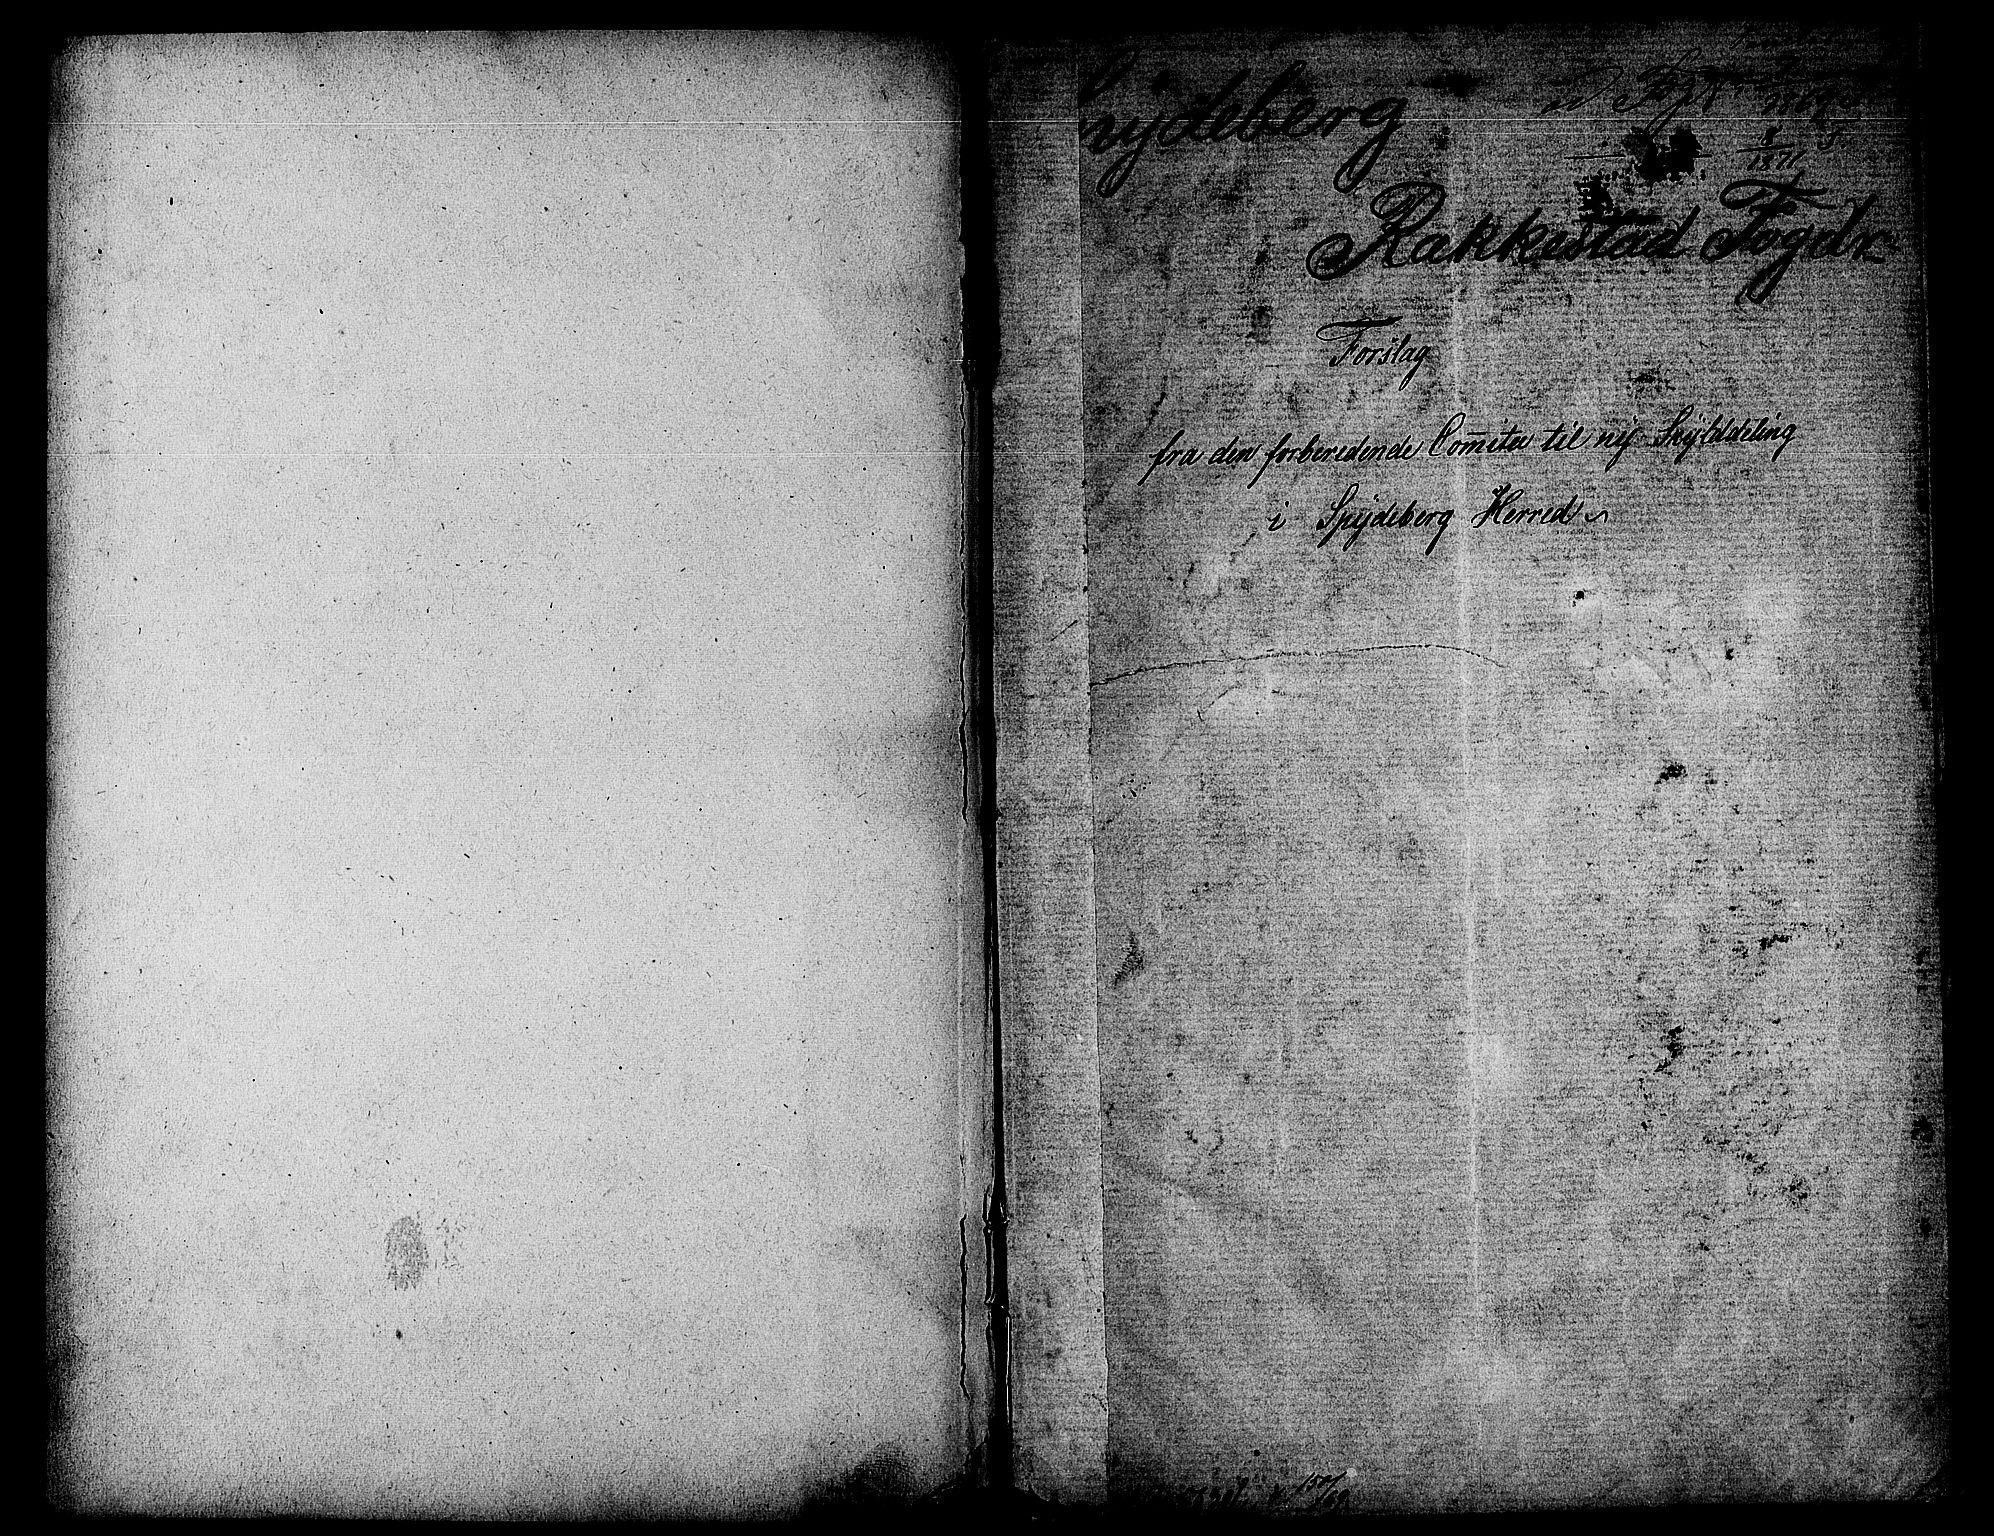 RA, Matrikkelrevisjonen av 1863, F/Fe/L0003: Spydeberg, 1863